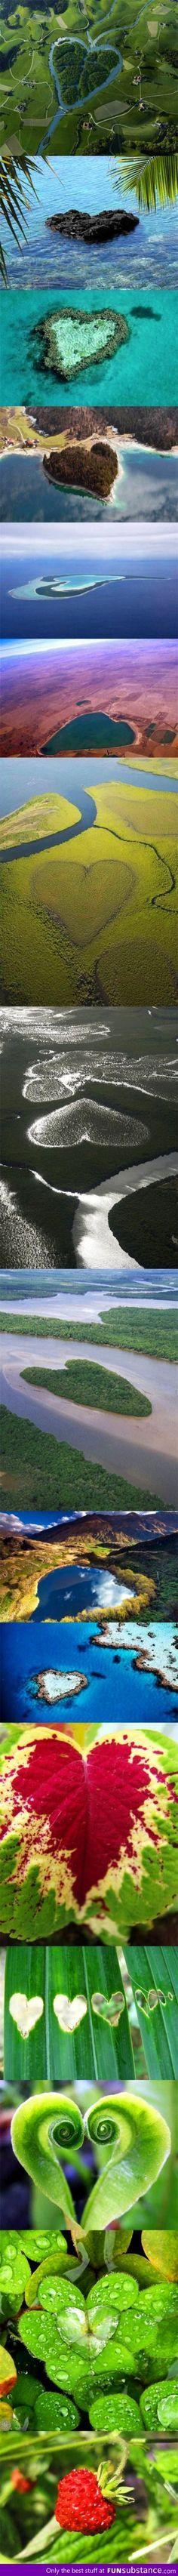 Cuando miras esta foto logras ver la belleza de nuestro planeta. Desde ifeel maps te invitamos a cuidarlo y disfrutarlo con conciencia.  visitamos en  www.ifeelmaps.com Formas de corazón en la Naturaleza / Heart shapes in nature